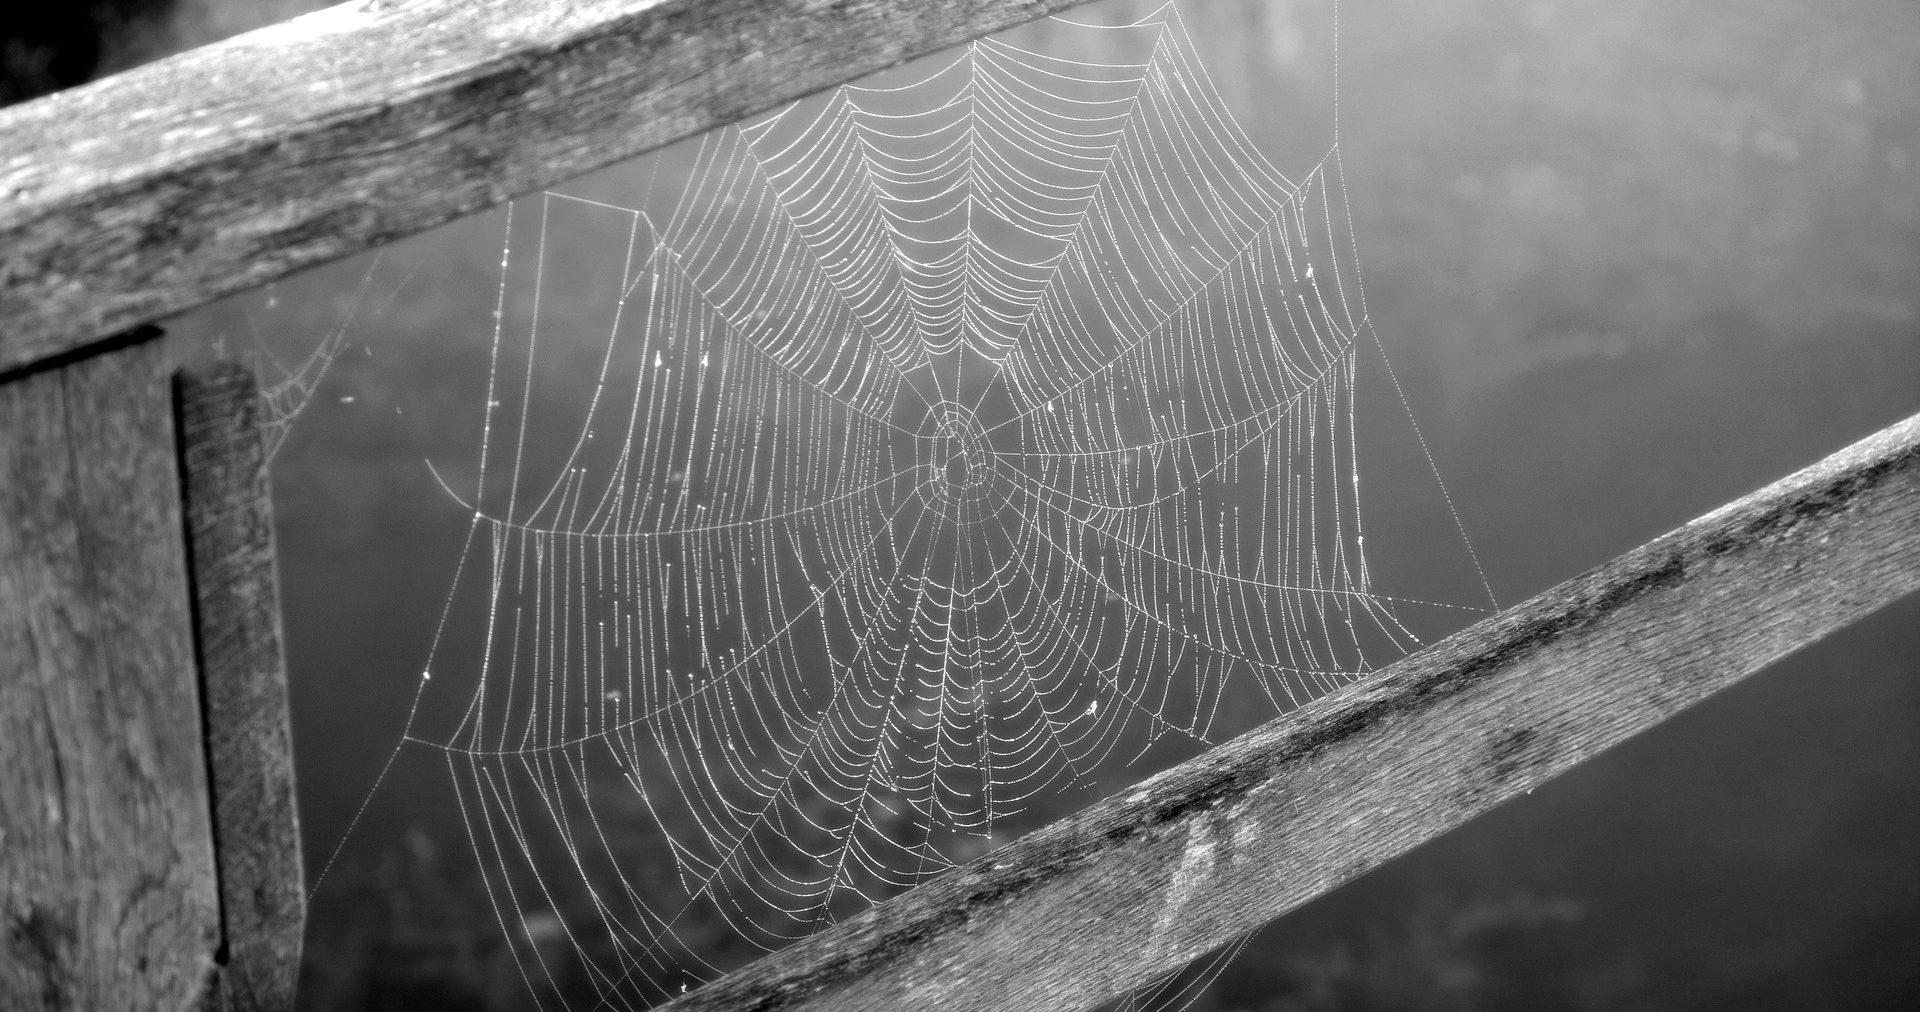 spinnweben zwischen holz, schwarz-weiß